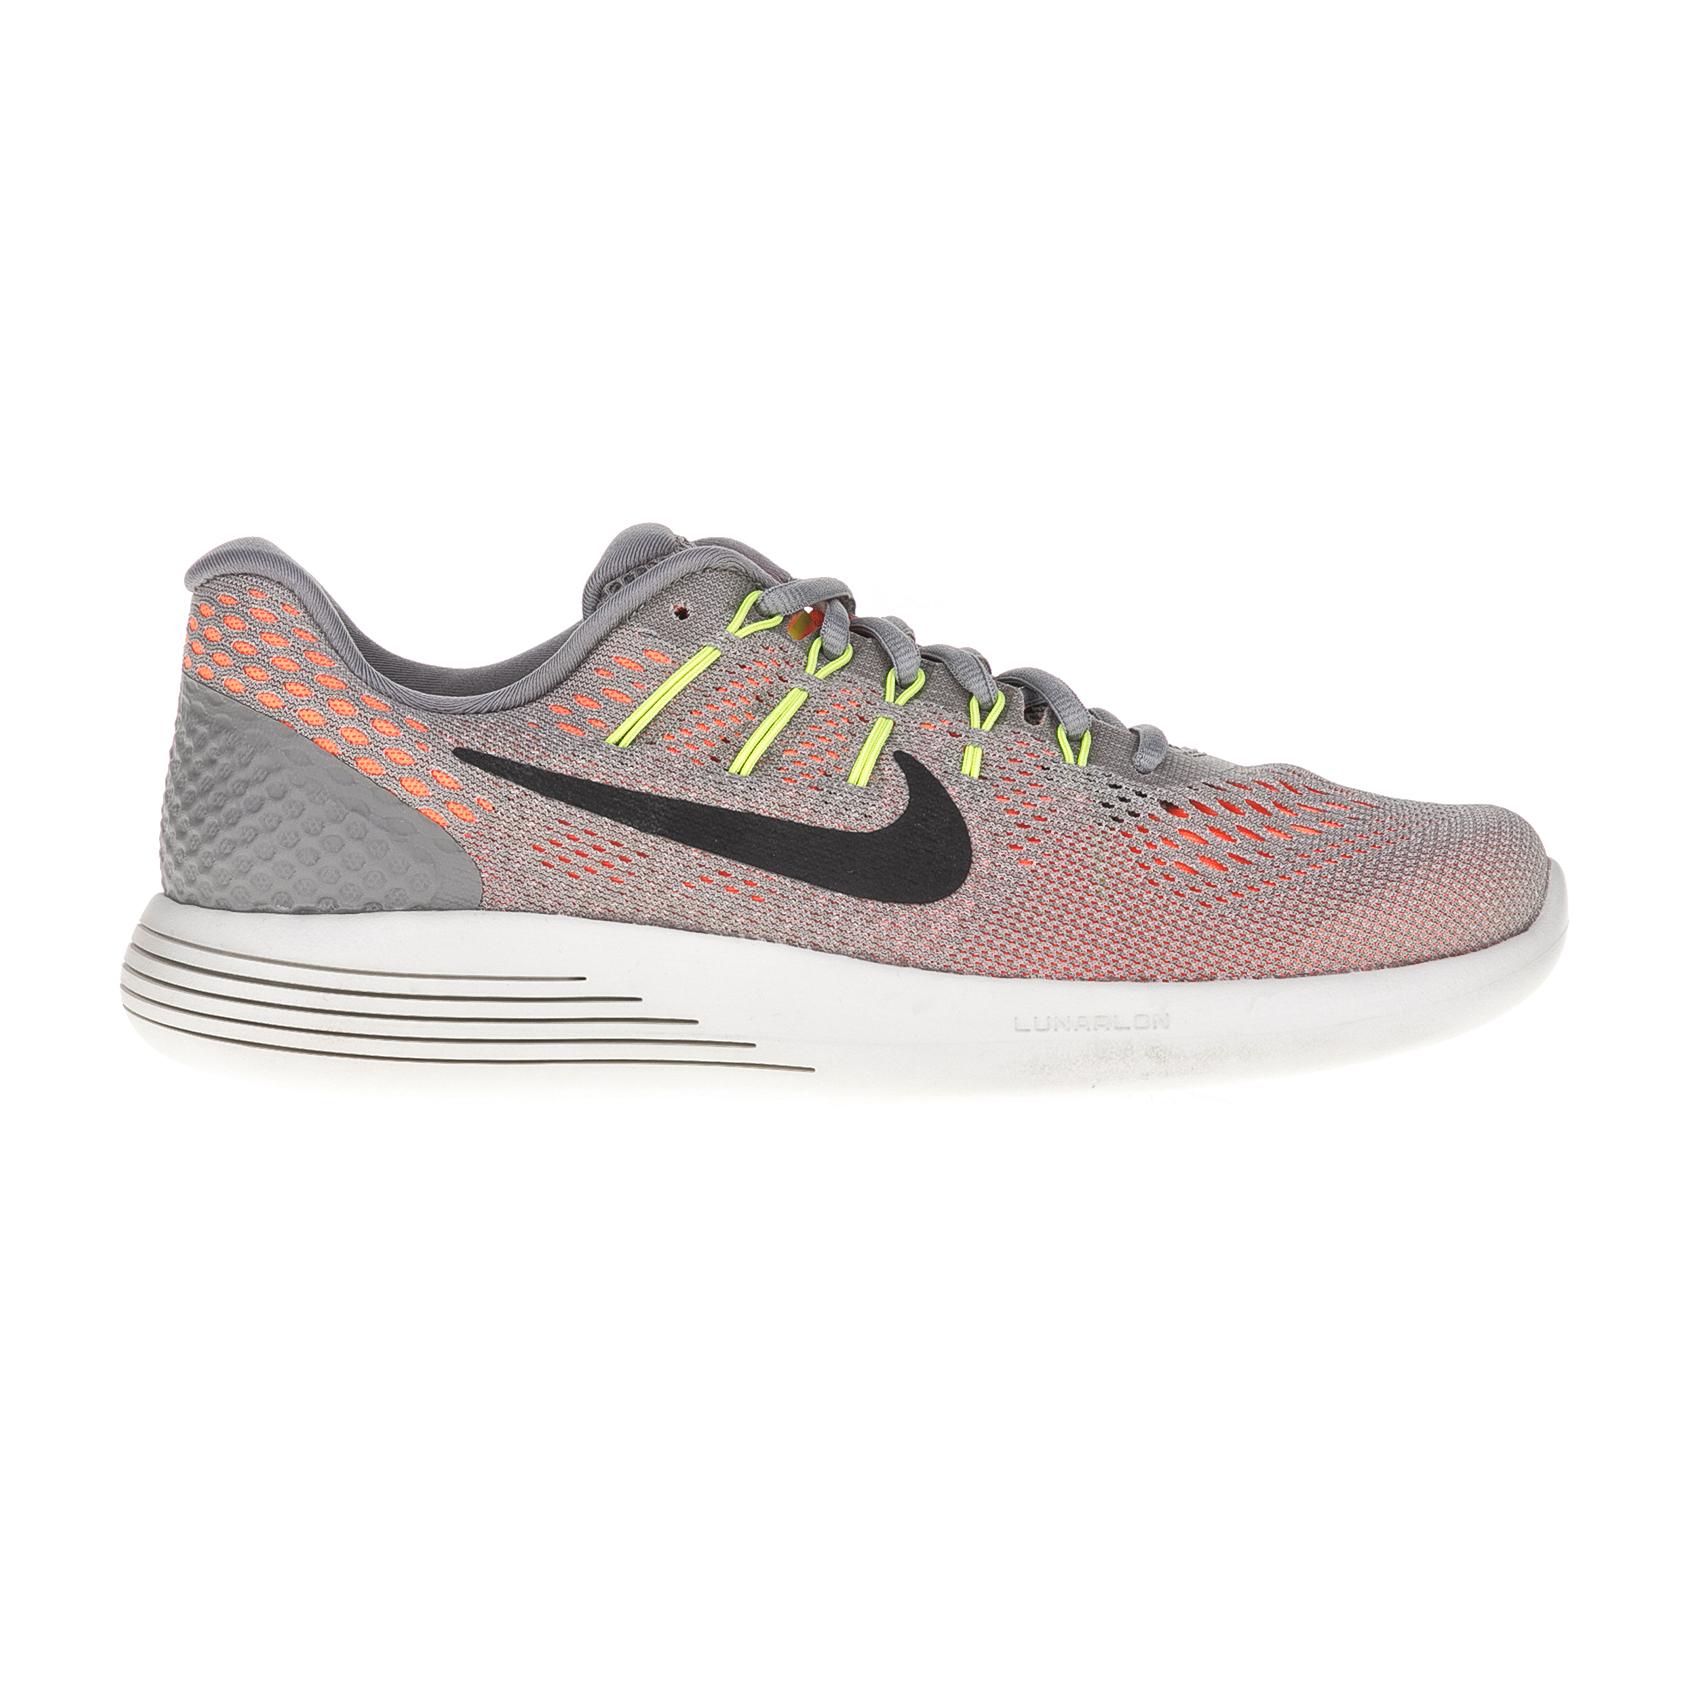 NIKE - Ανδρικά παπούτσια για τρέξιμο NIKE LUNARGLIDE 8 γκρι-πορτοκαλί